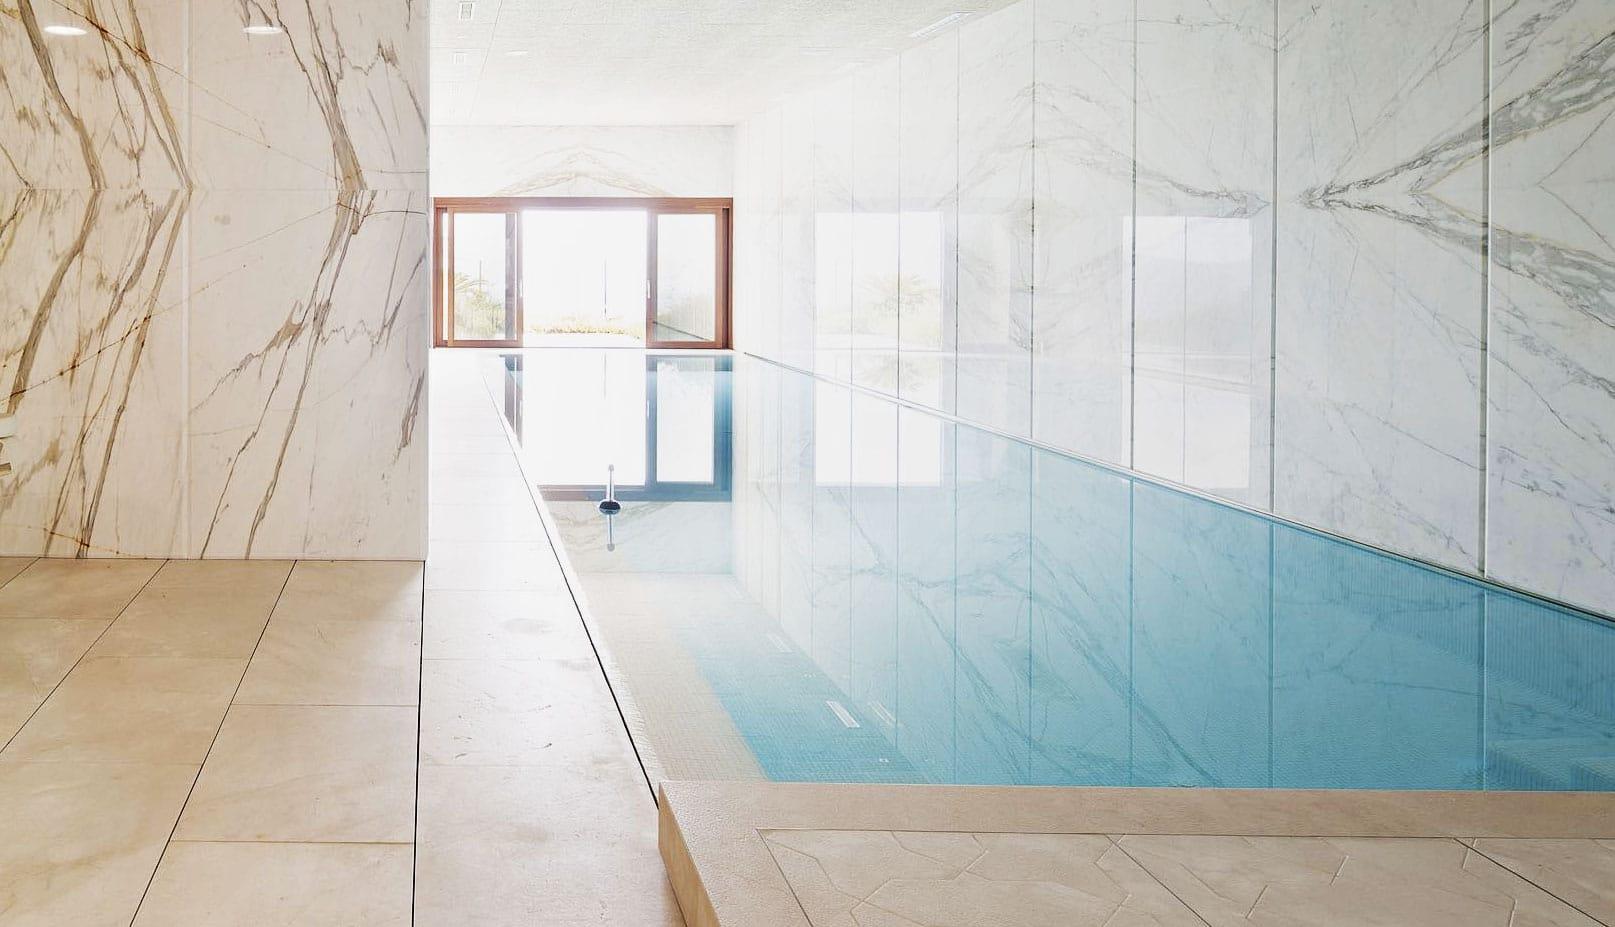 piscina-interio-marmol-calacatta